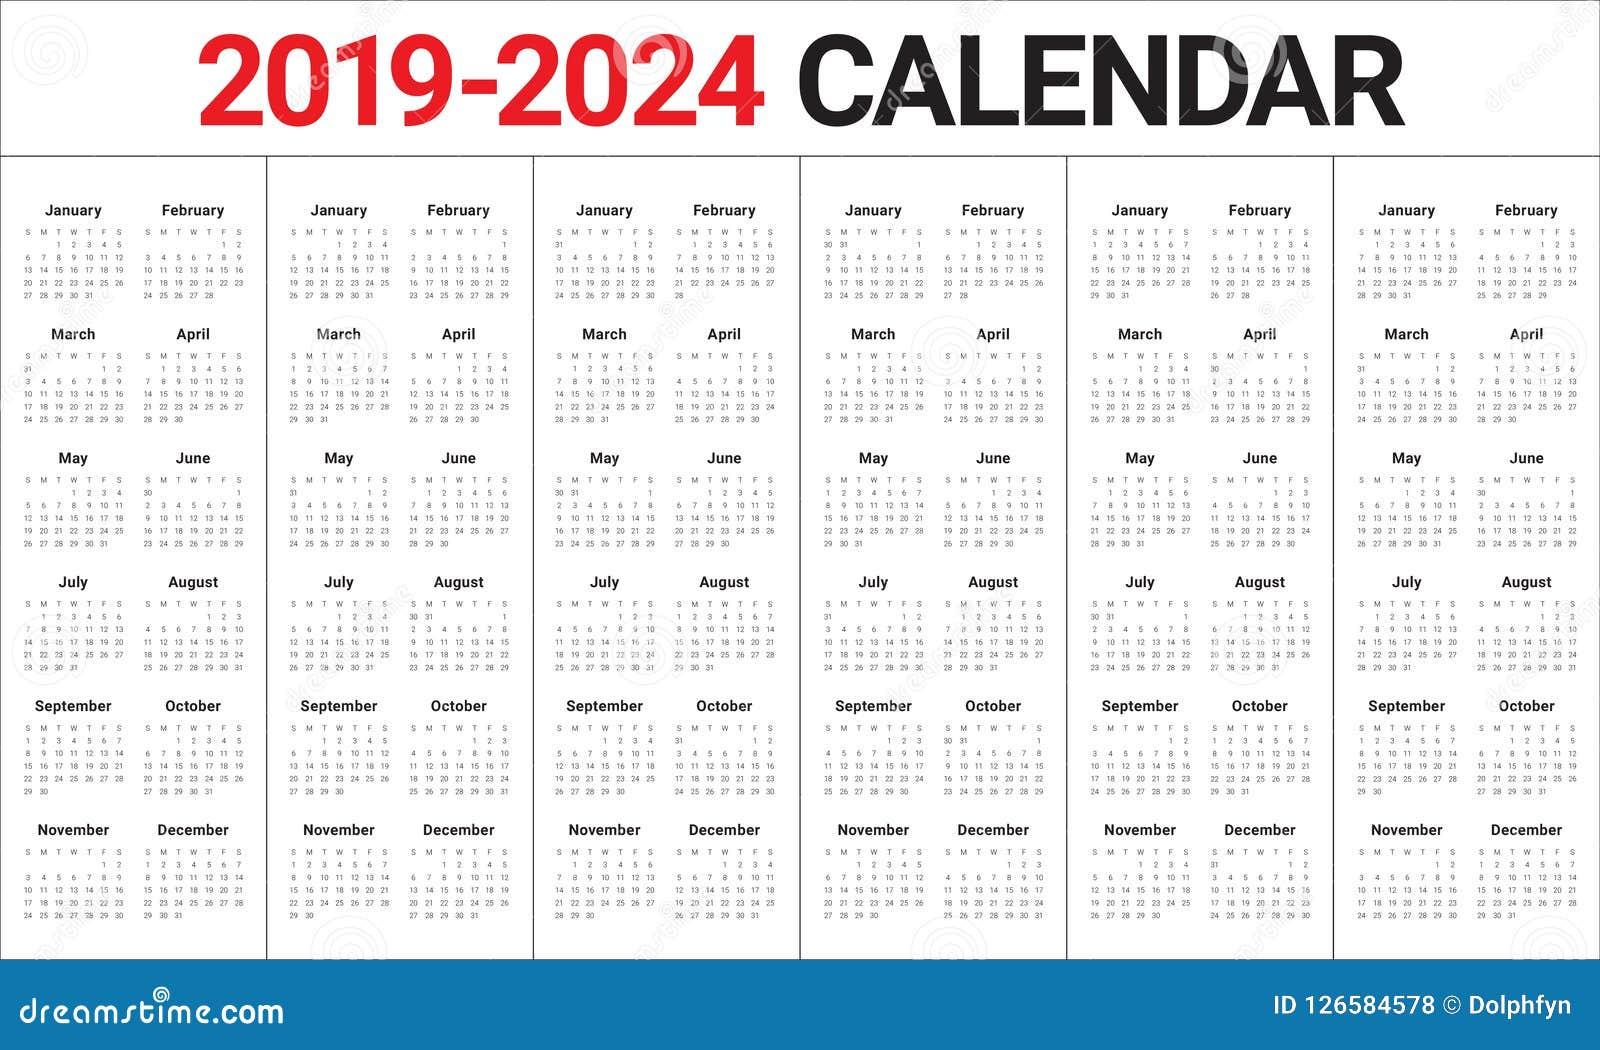 Ramadan Calendar 2022.Year 2019 2020 2021 2022 2023 2024 Calendar Vector Design Templa Stock Vector Illustration Of Monthly Date 126584578